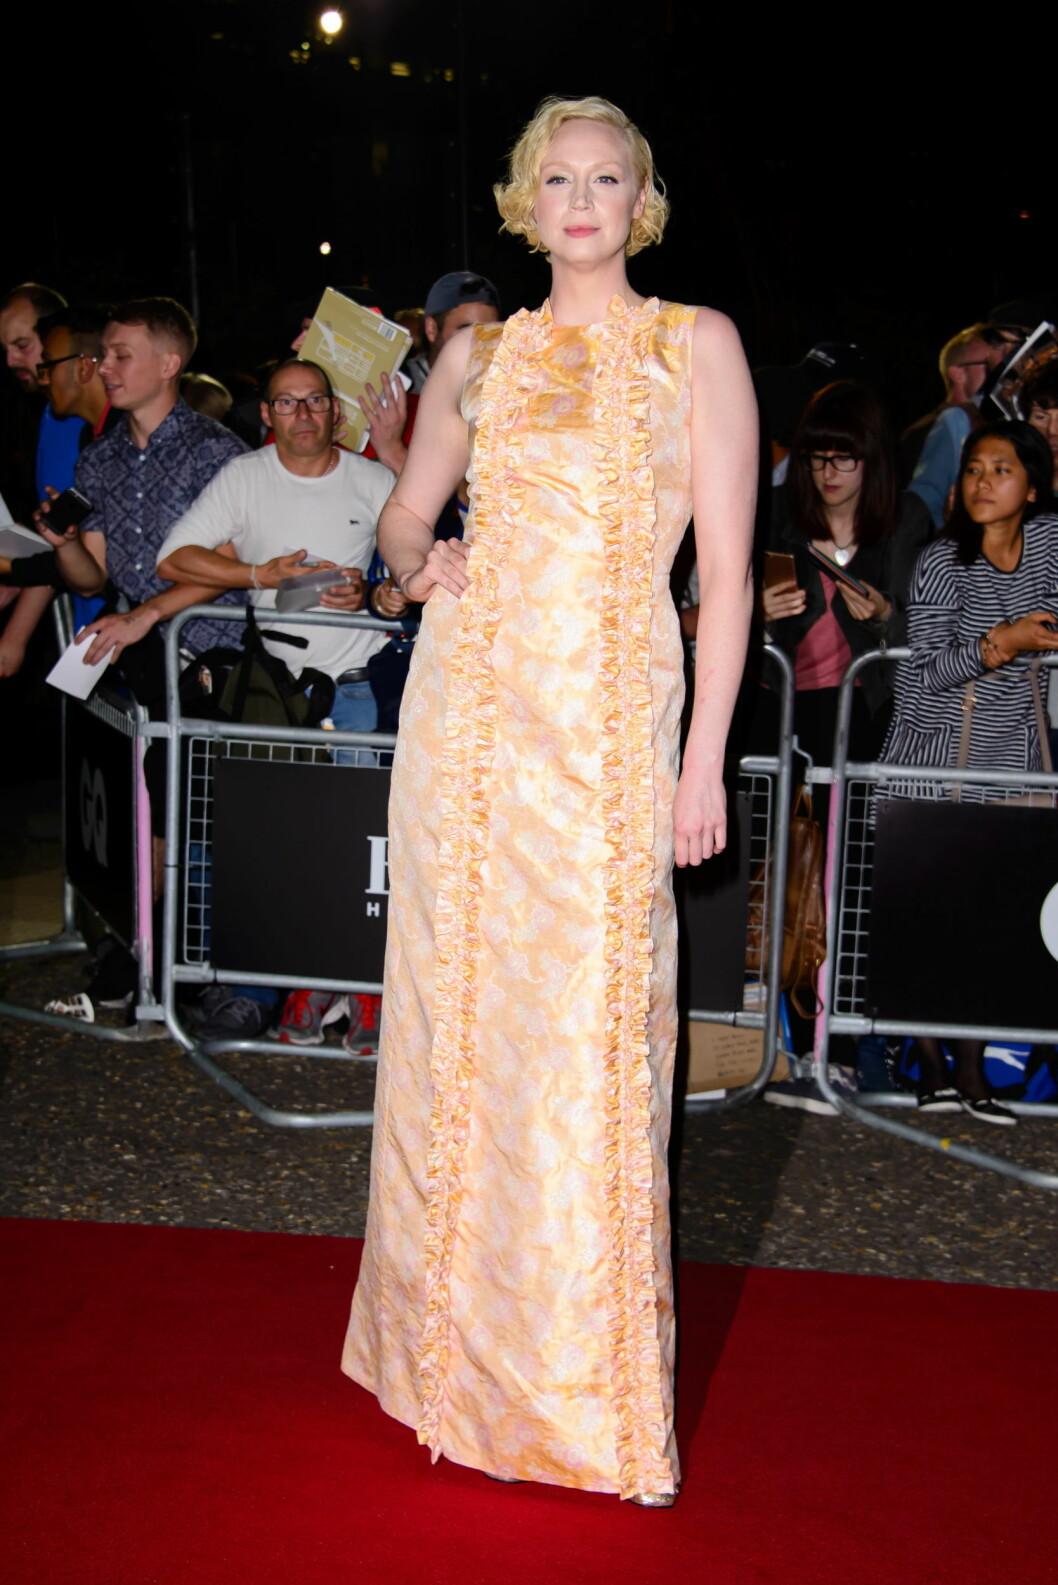 FEIENDE FLOTT: Gwendoline Christie er mest kjent som den beinharde krigeren Brienne fra «Game of Thrones». På GQ-Awards viste hun sine mer feminine sider. Foto: Zuma Press